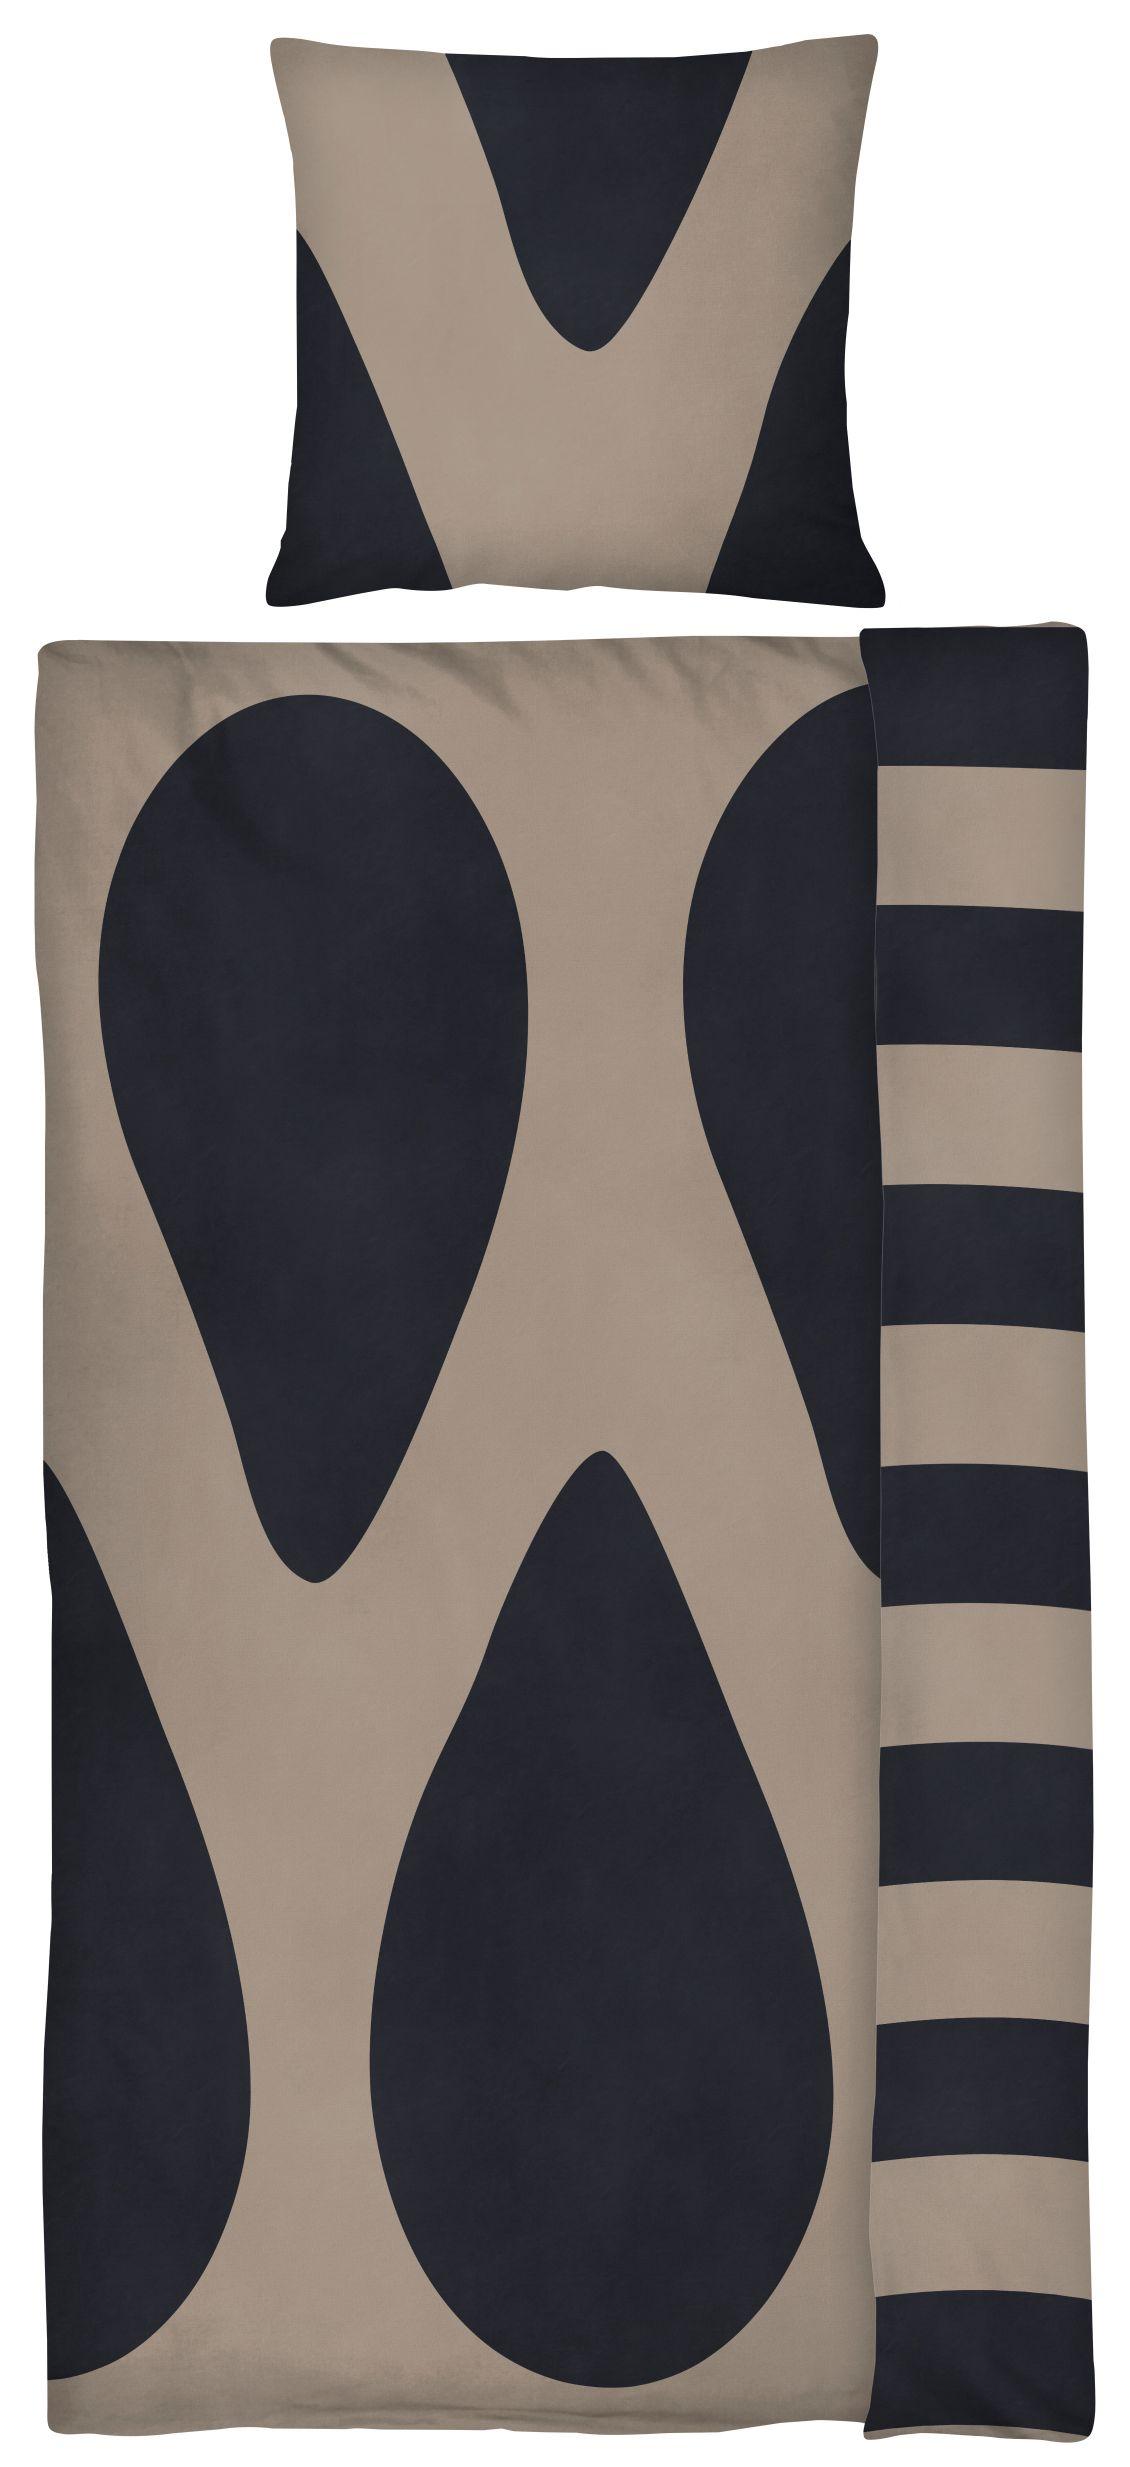 Mette Ditmer Raindrops sengelinned, 140x200 cm, sand